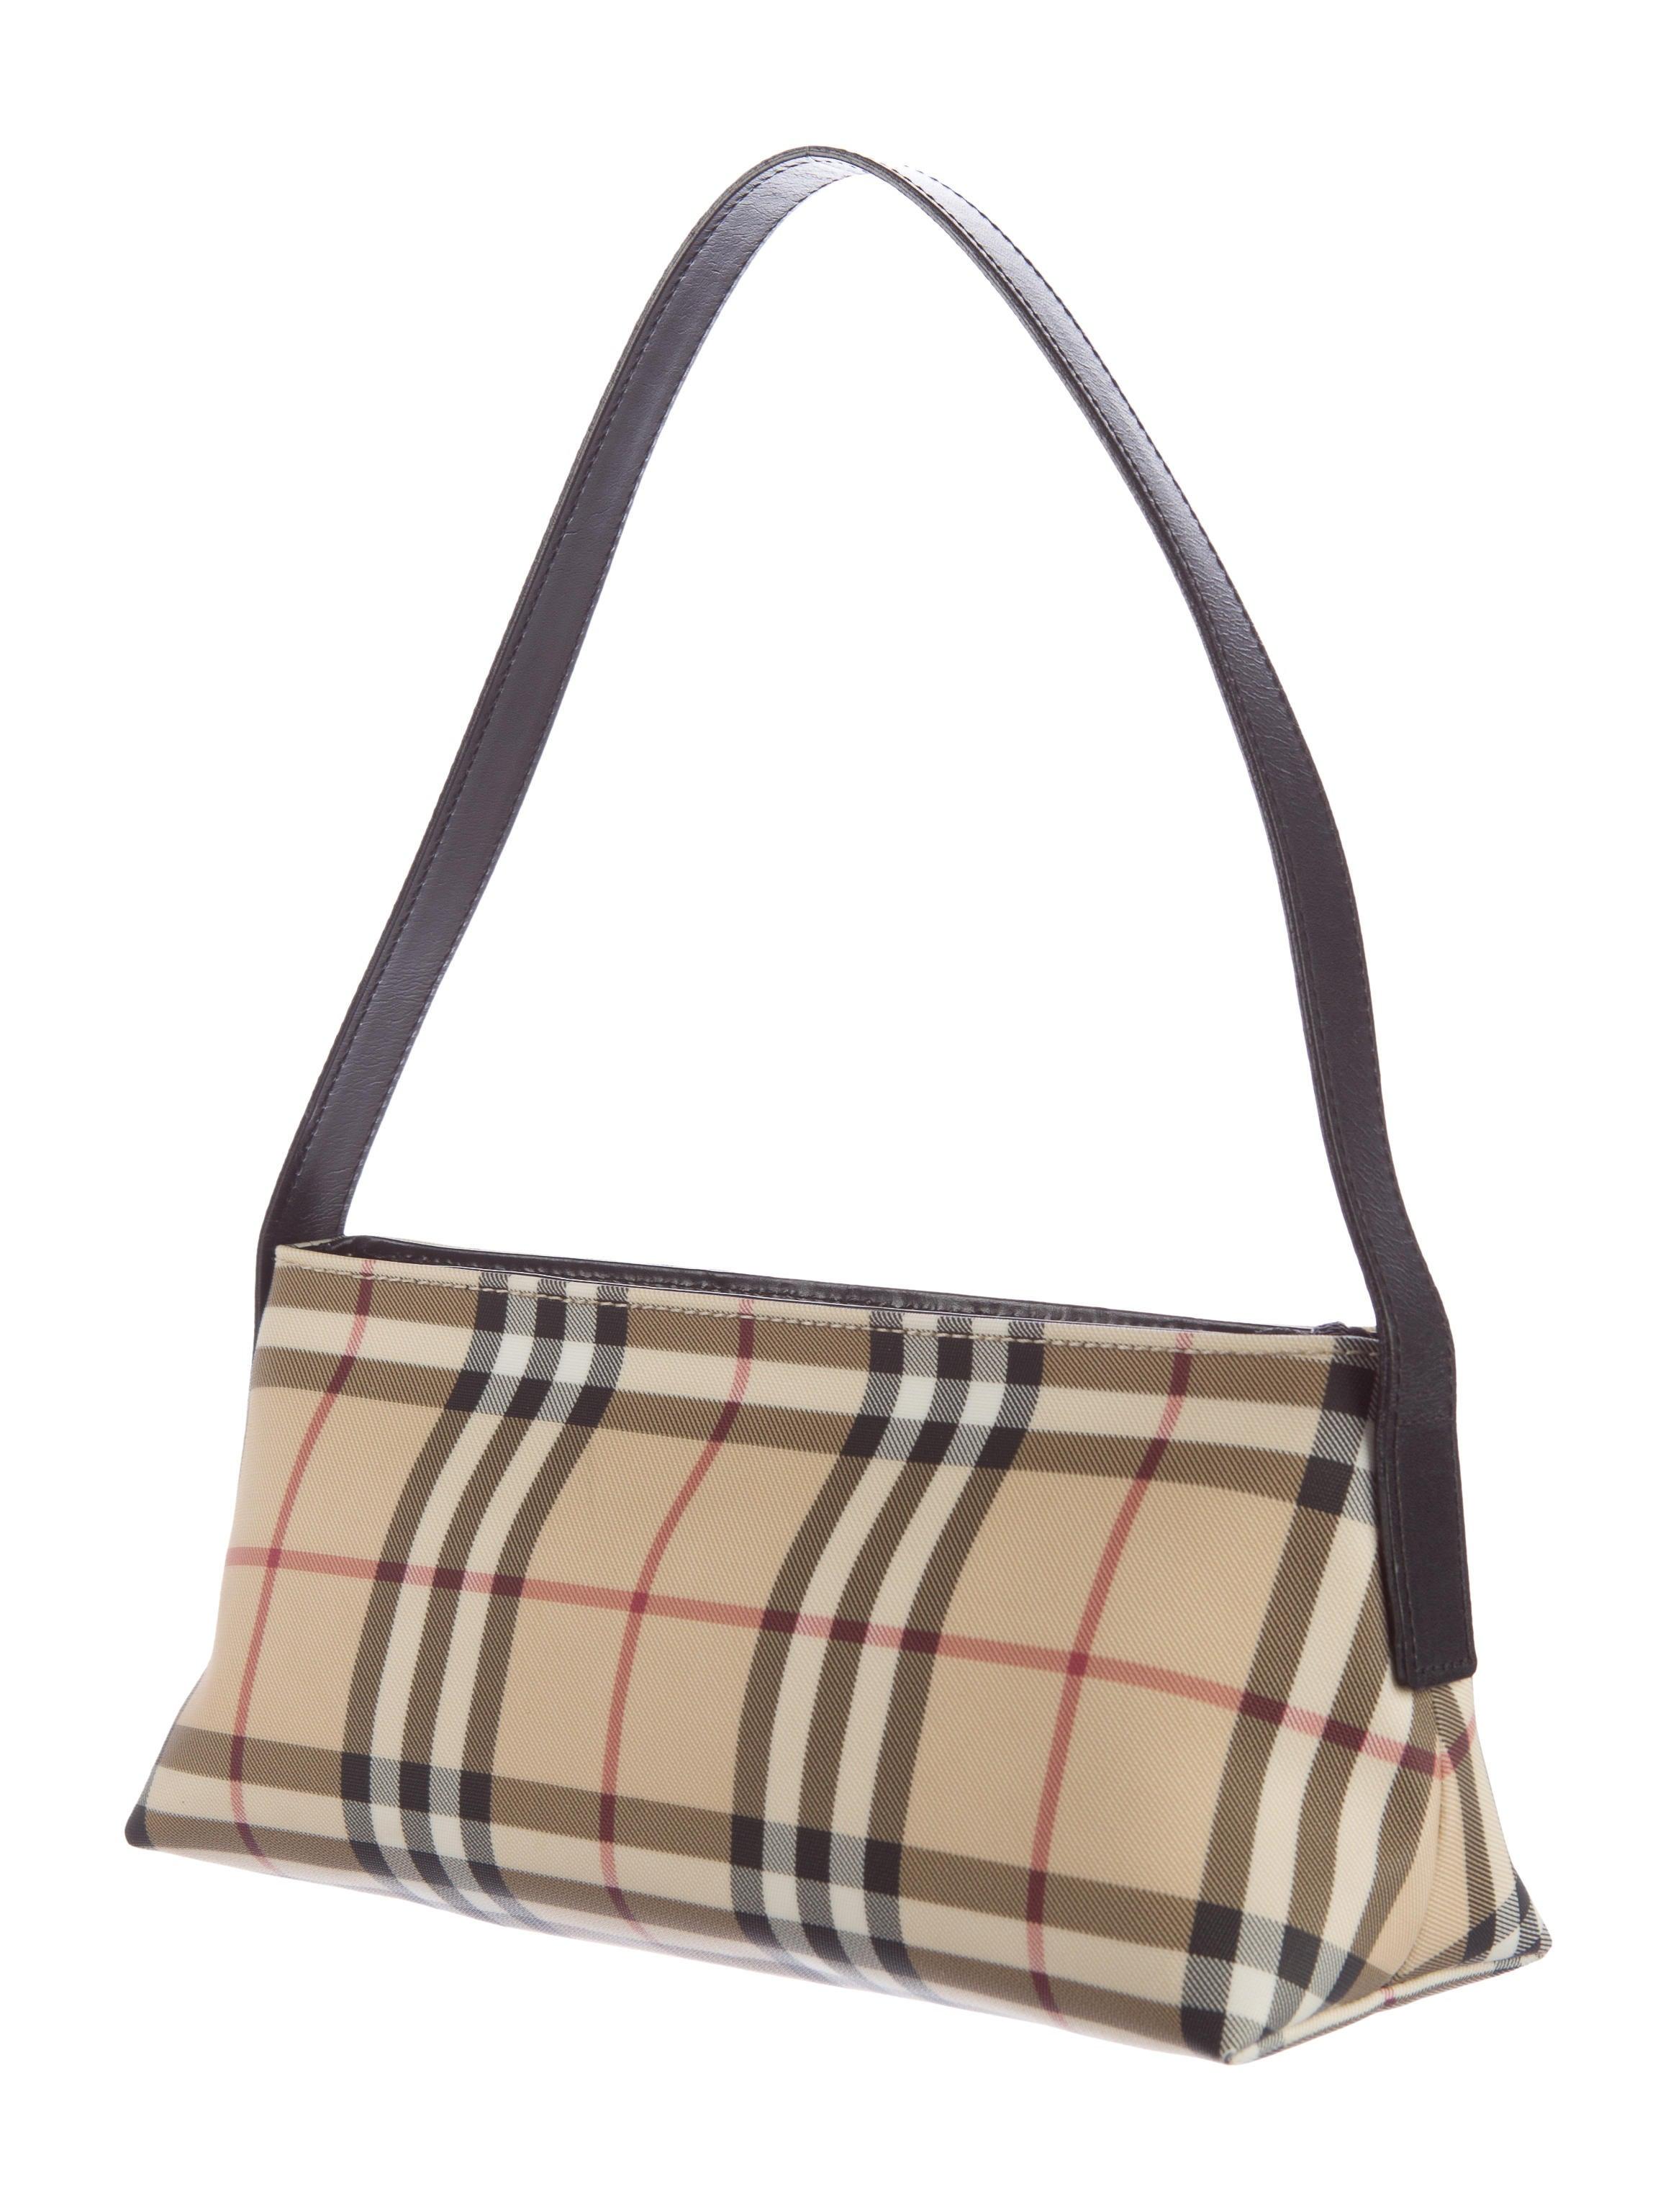 Burberry Nova Check Shoulder Bag - Handbags - BUR68046 ...